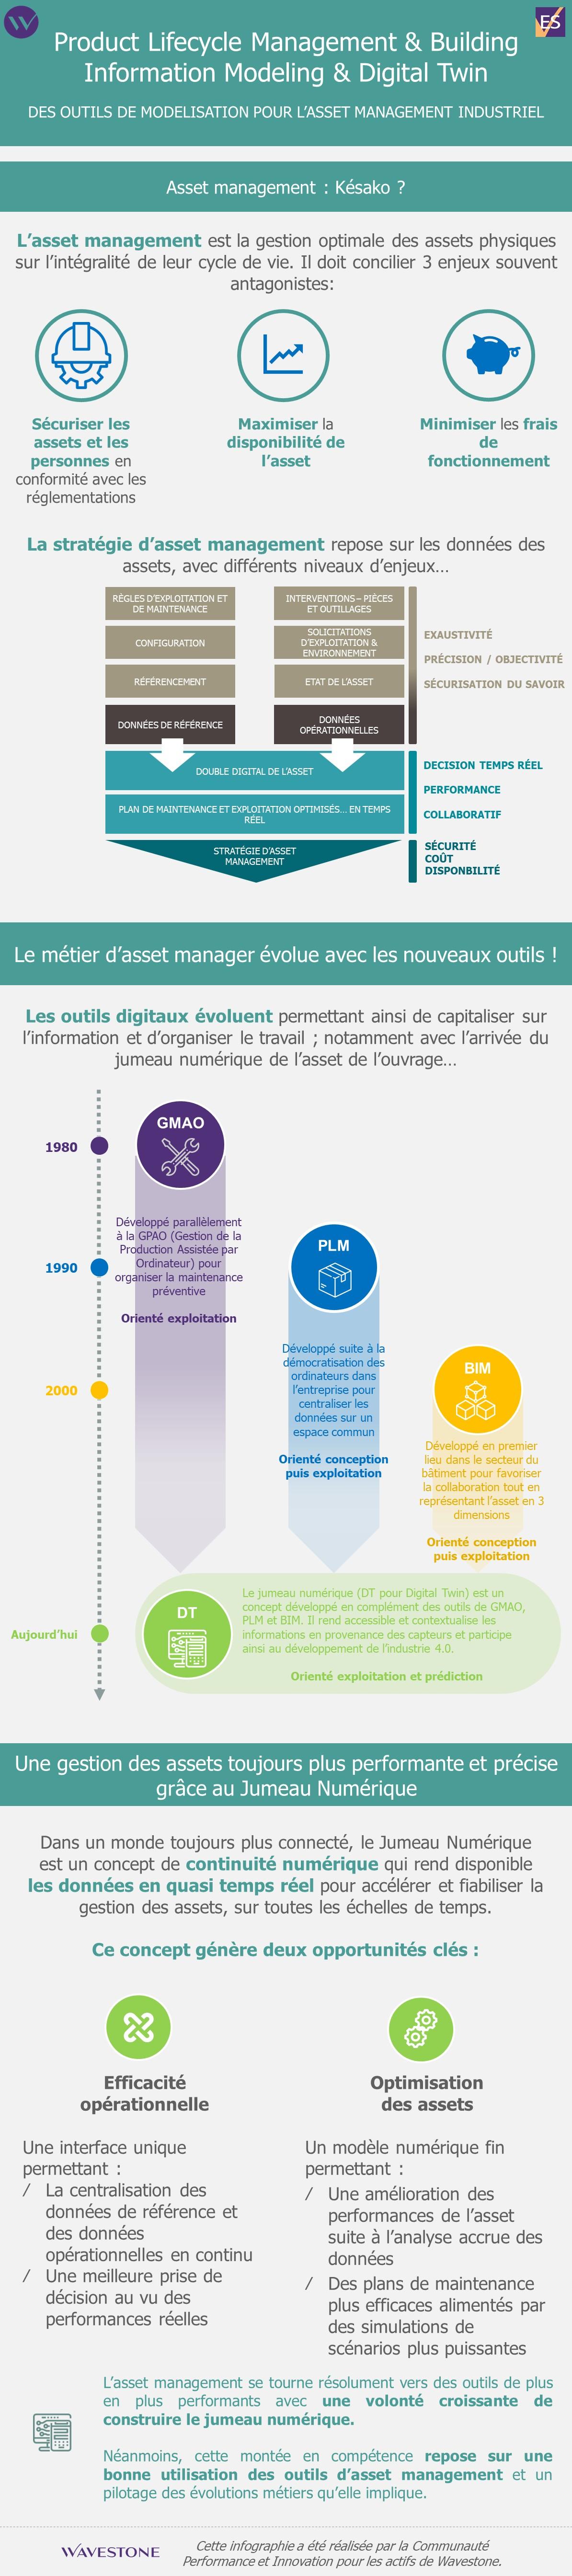 Infographie BIM asset management jumeau numérique